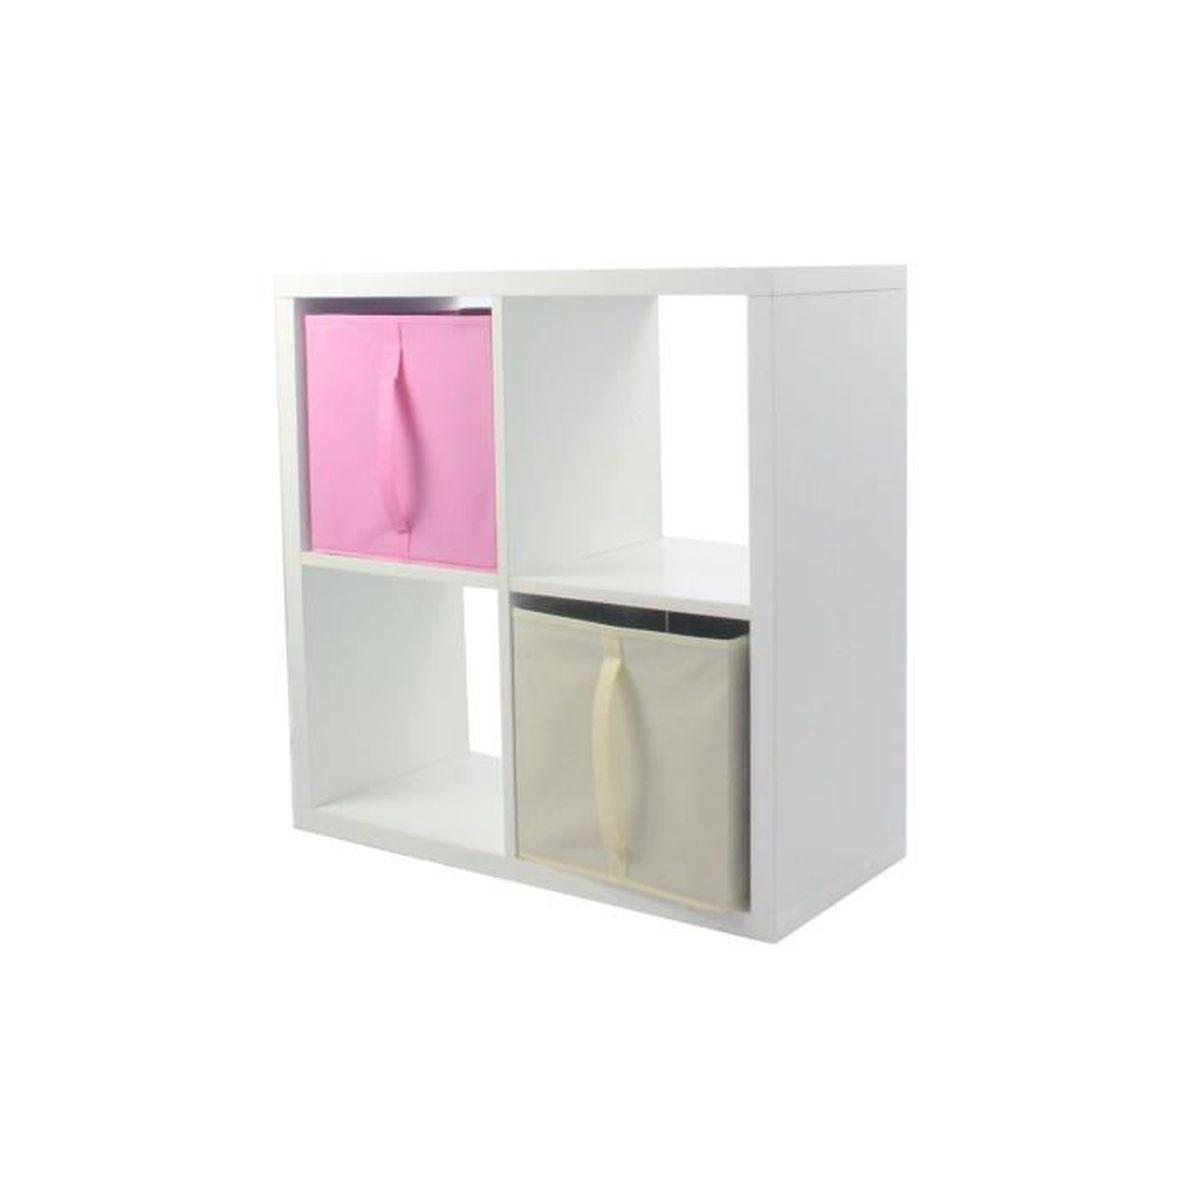 MEUBLE ÉTAGÈRE COMPO Meuble De Rangement 4 Cases + 2 Cubes Rose &